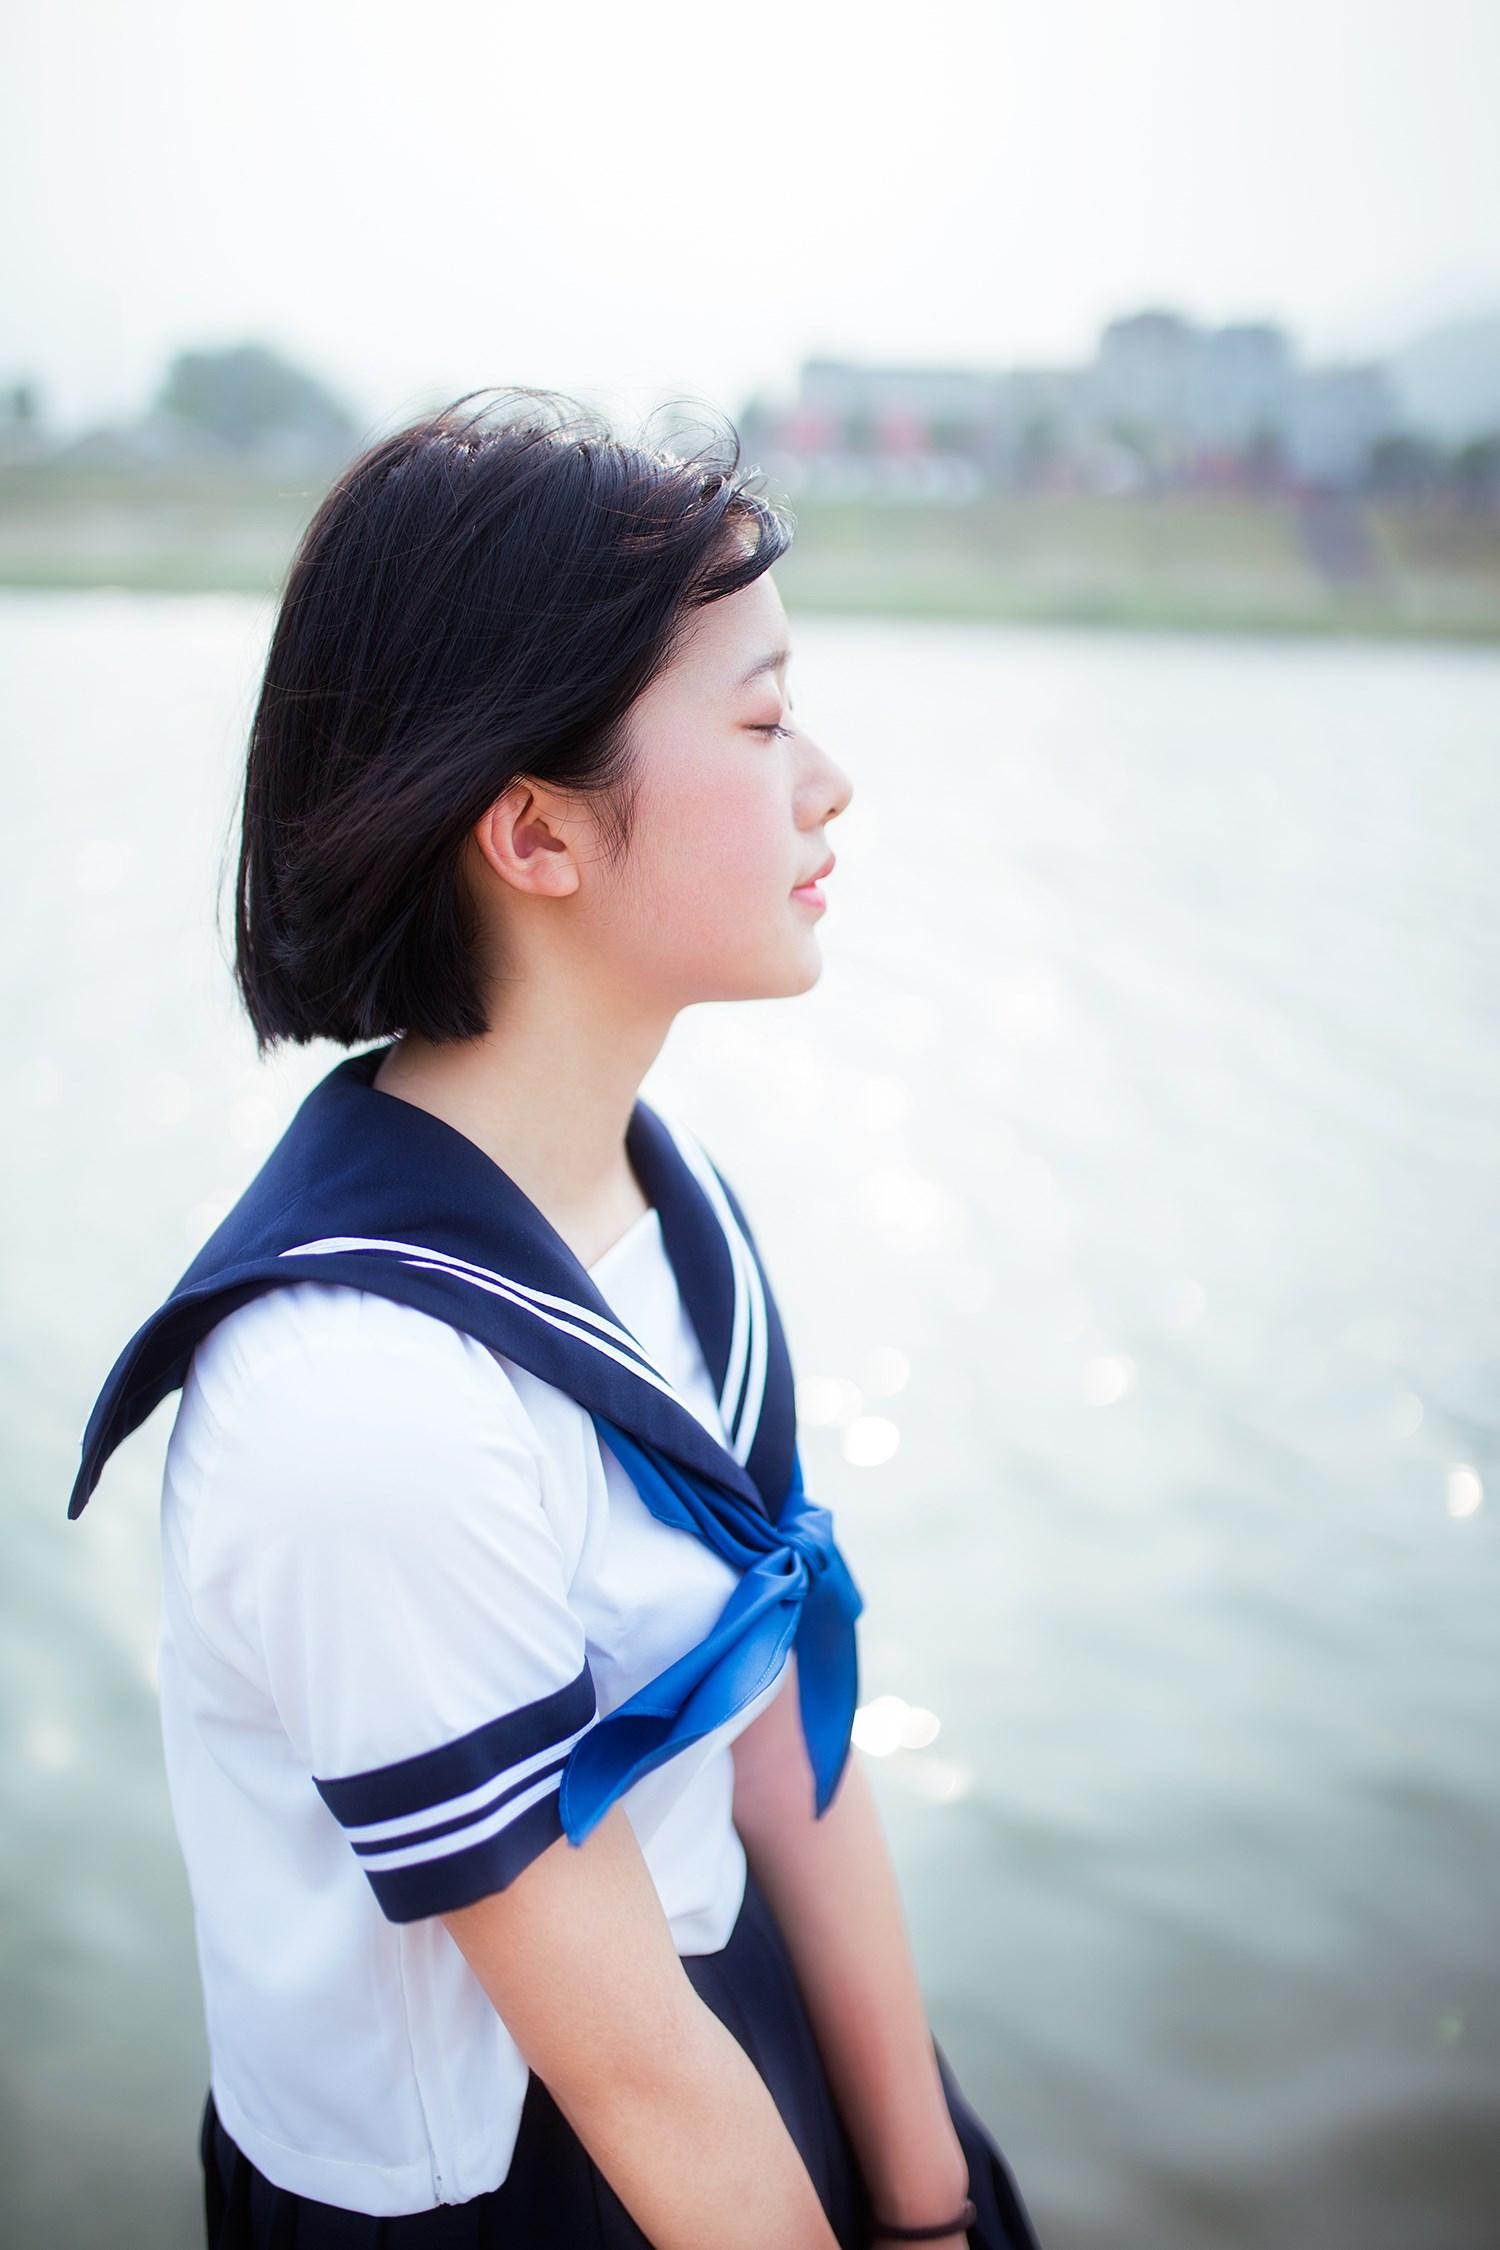 【兔玩映画】水手服-你笑的颜色 兔玩映画 第39张